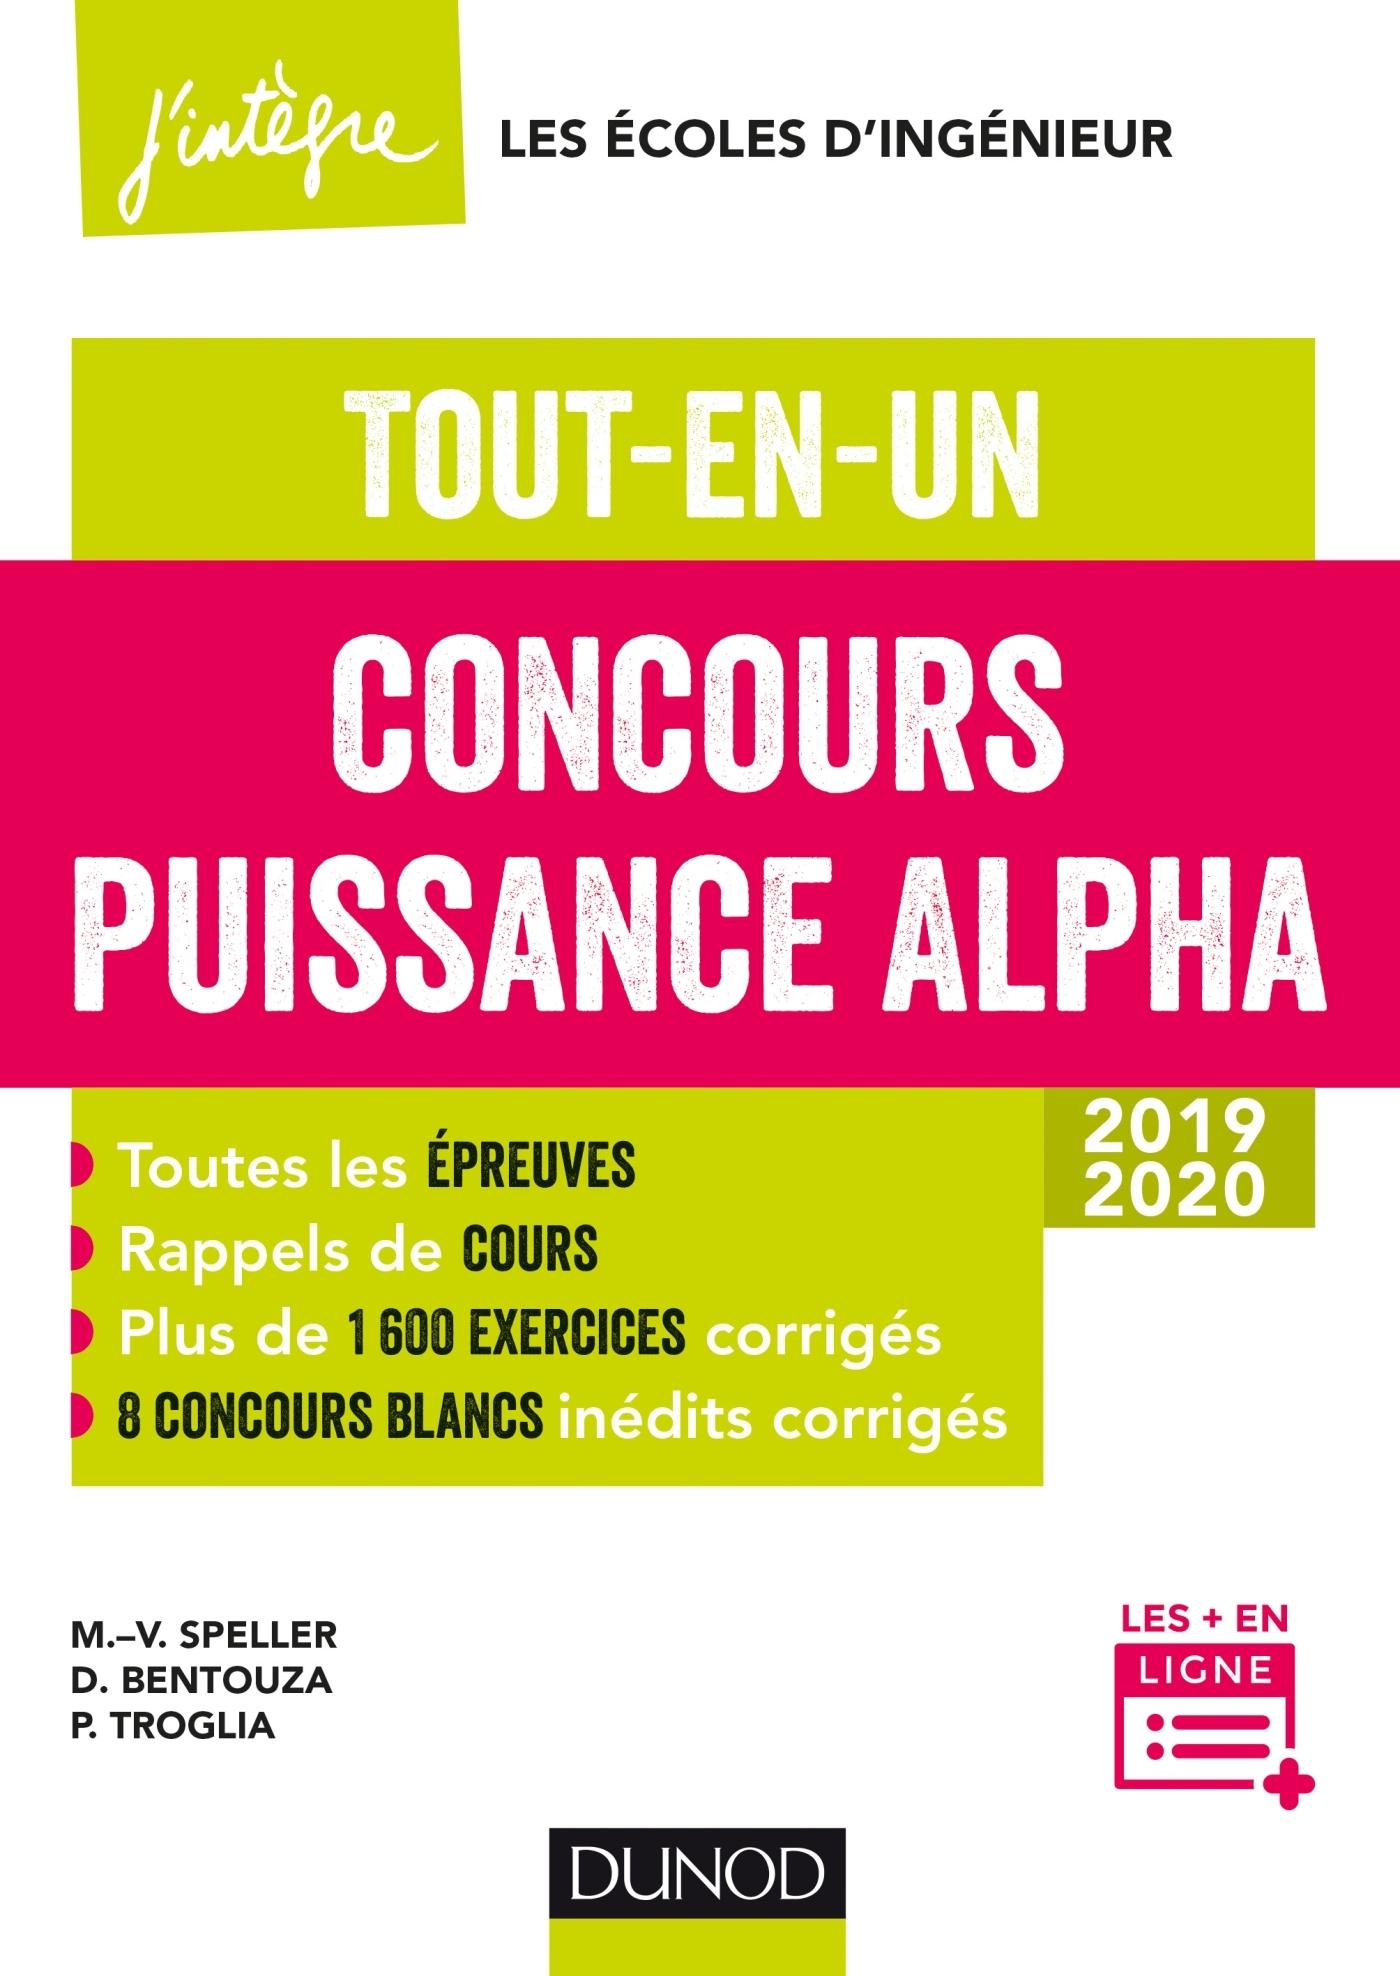 CONCOURS PUISSANCE ALPHA - TOUT-EN-UN - 2019-2020